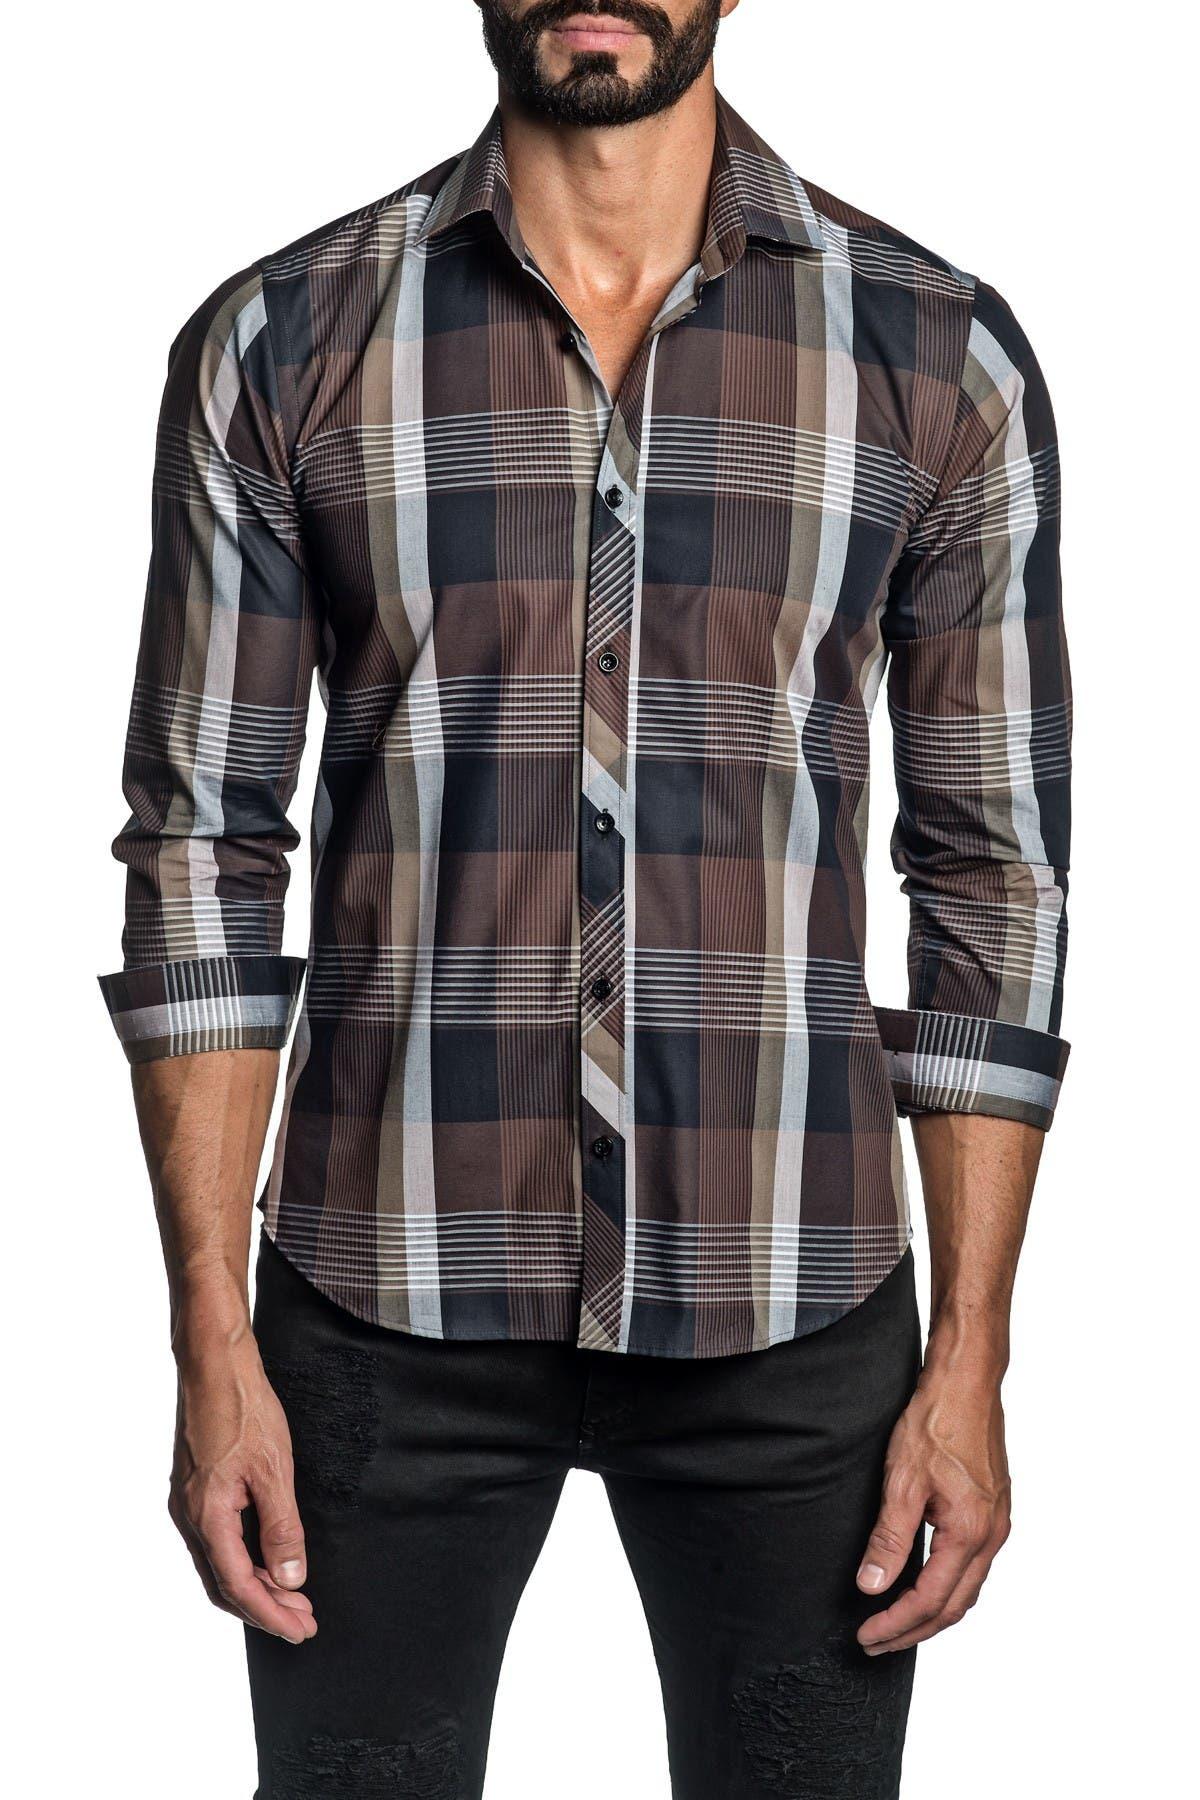 Image of Jared Lang Trim Fit Brown Plaid Dress Shirt